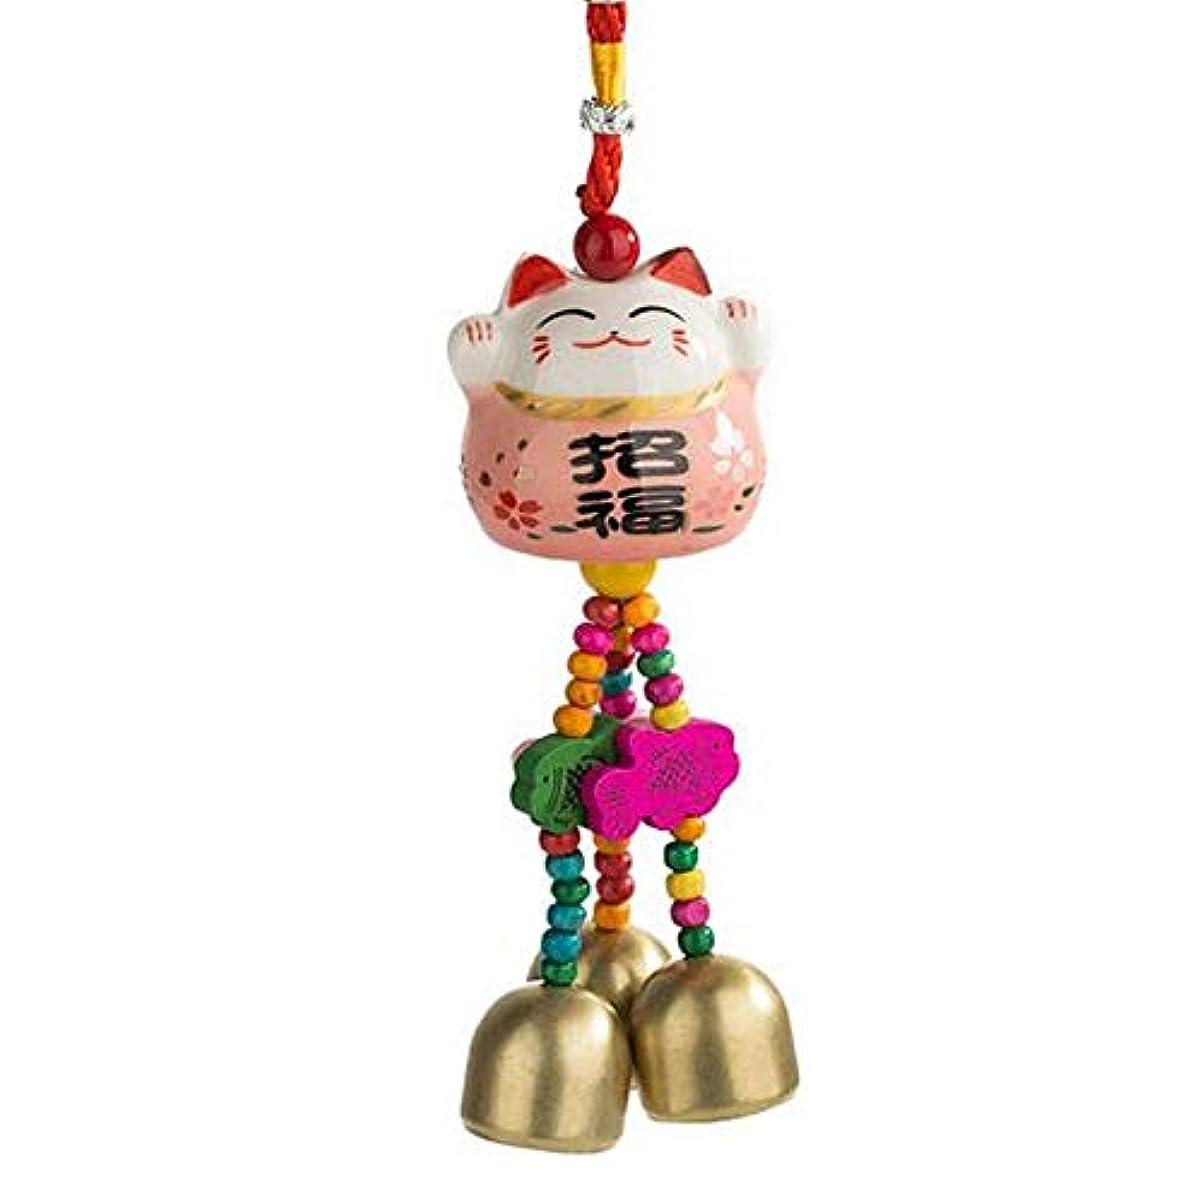 部歌う結婚式Qiyuezhuangshi 風チャイム、かわいいクリエイティブセラミック猫風の鐘、オレンジ、ロング28センチメートル,美しいホリデーギフト (Color : Pink)